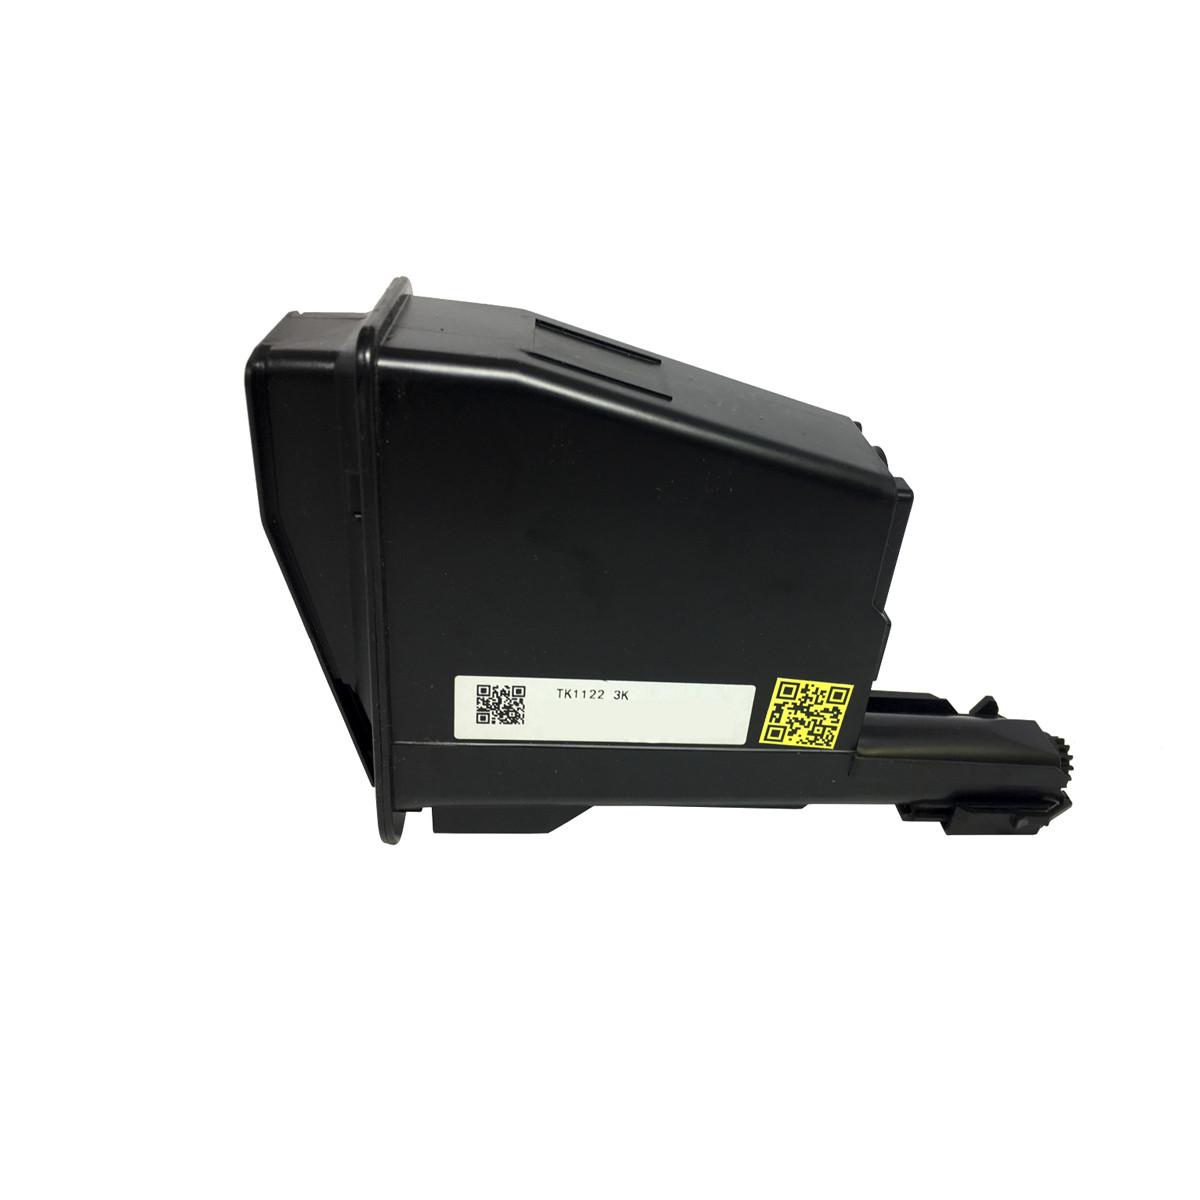 Toner Compatível com Kyocera TK1122 TK-1122 | 1060DN FS1060 FS1025 FS1125 | Com Chip | Integral 3k